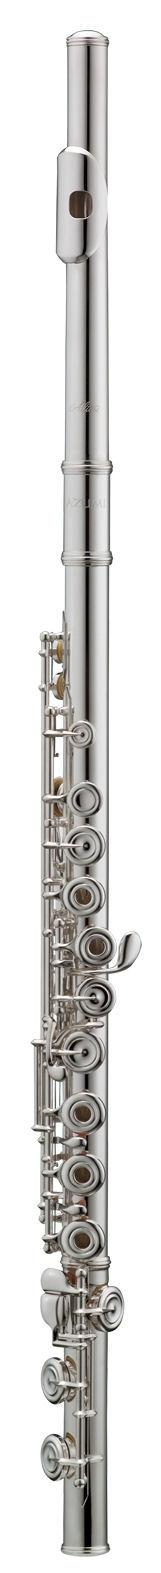 Instrumente Az